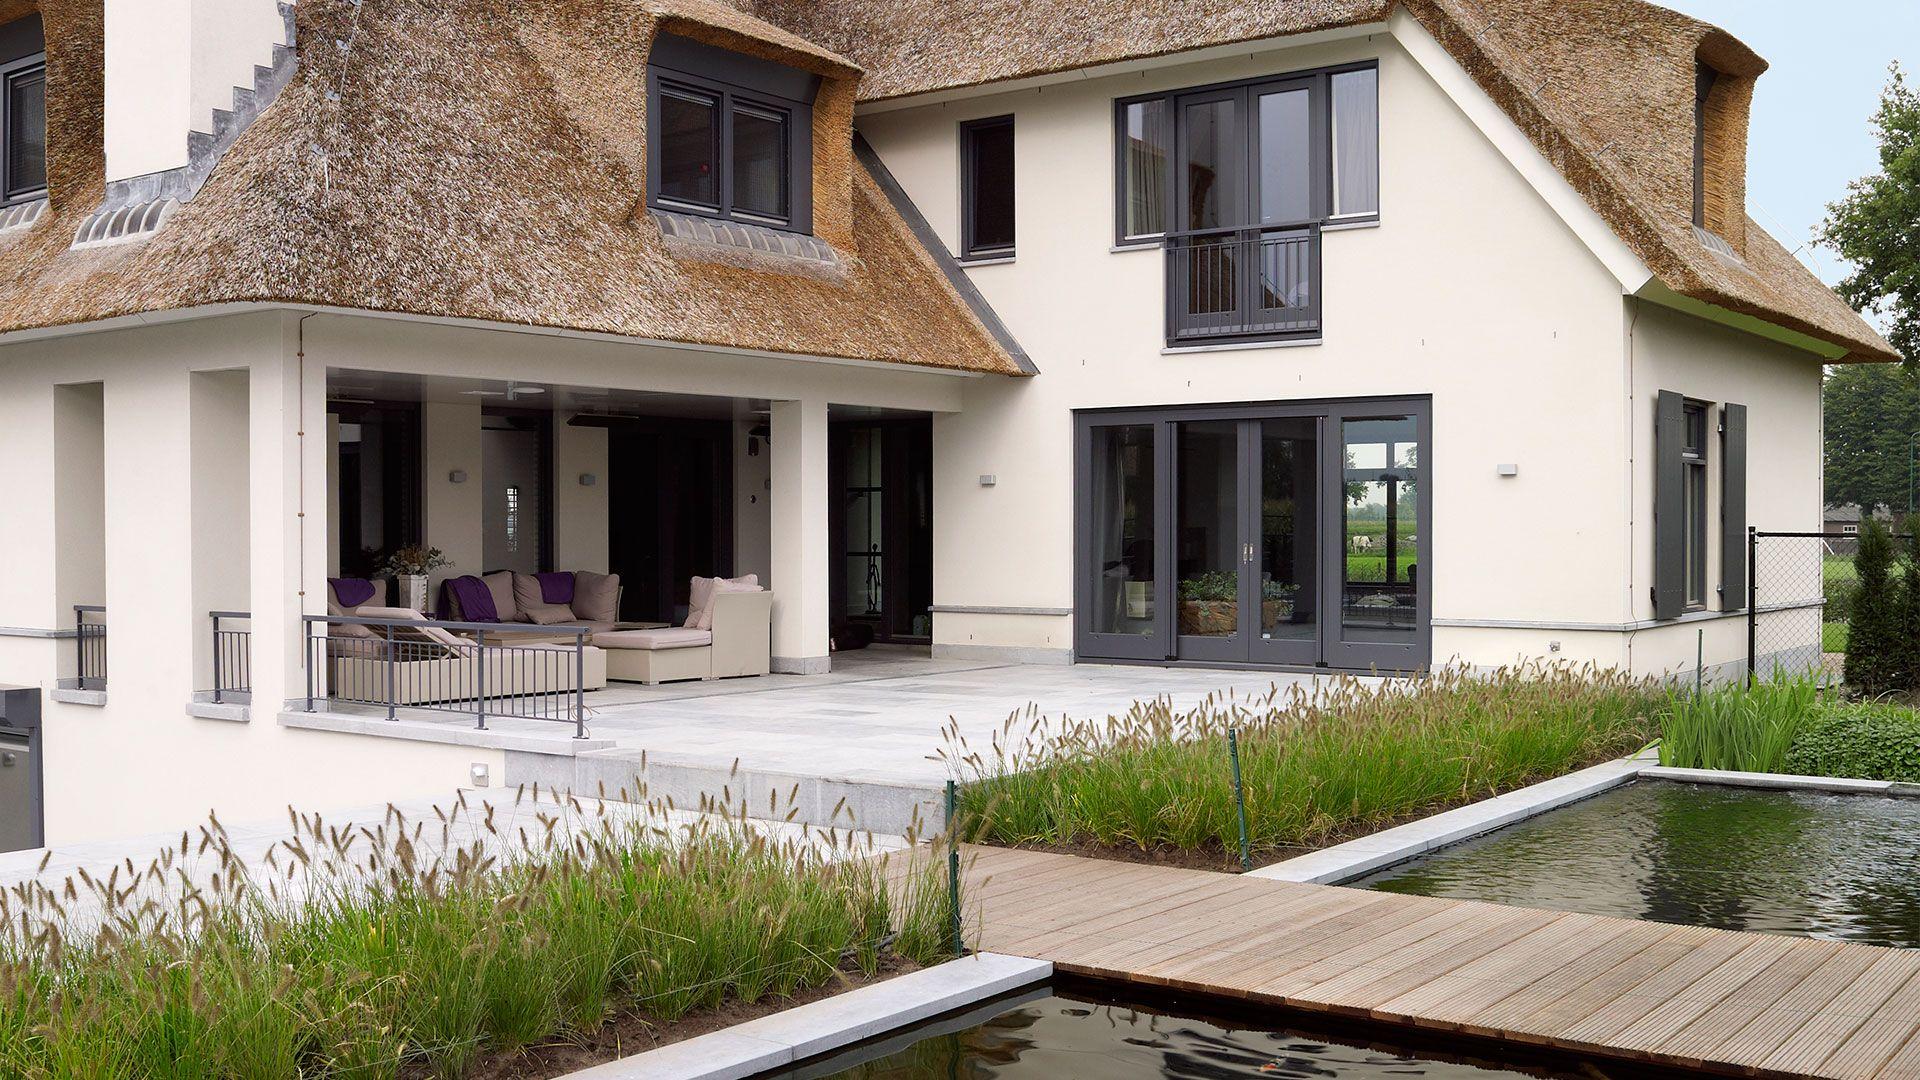 Nieuwbouw villa brabant google zoeken landelijk wonen pinterest nieuwbouw modern for Afbeelding van moderne huizen